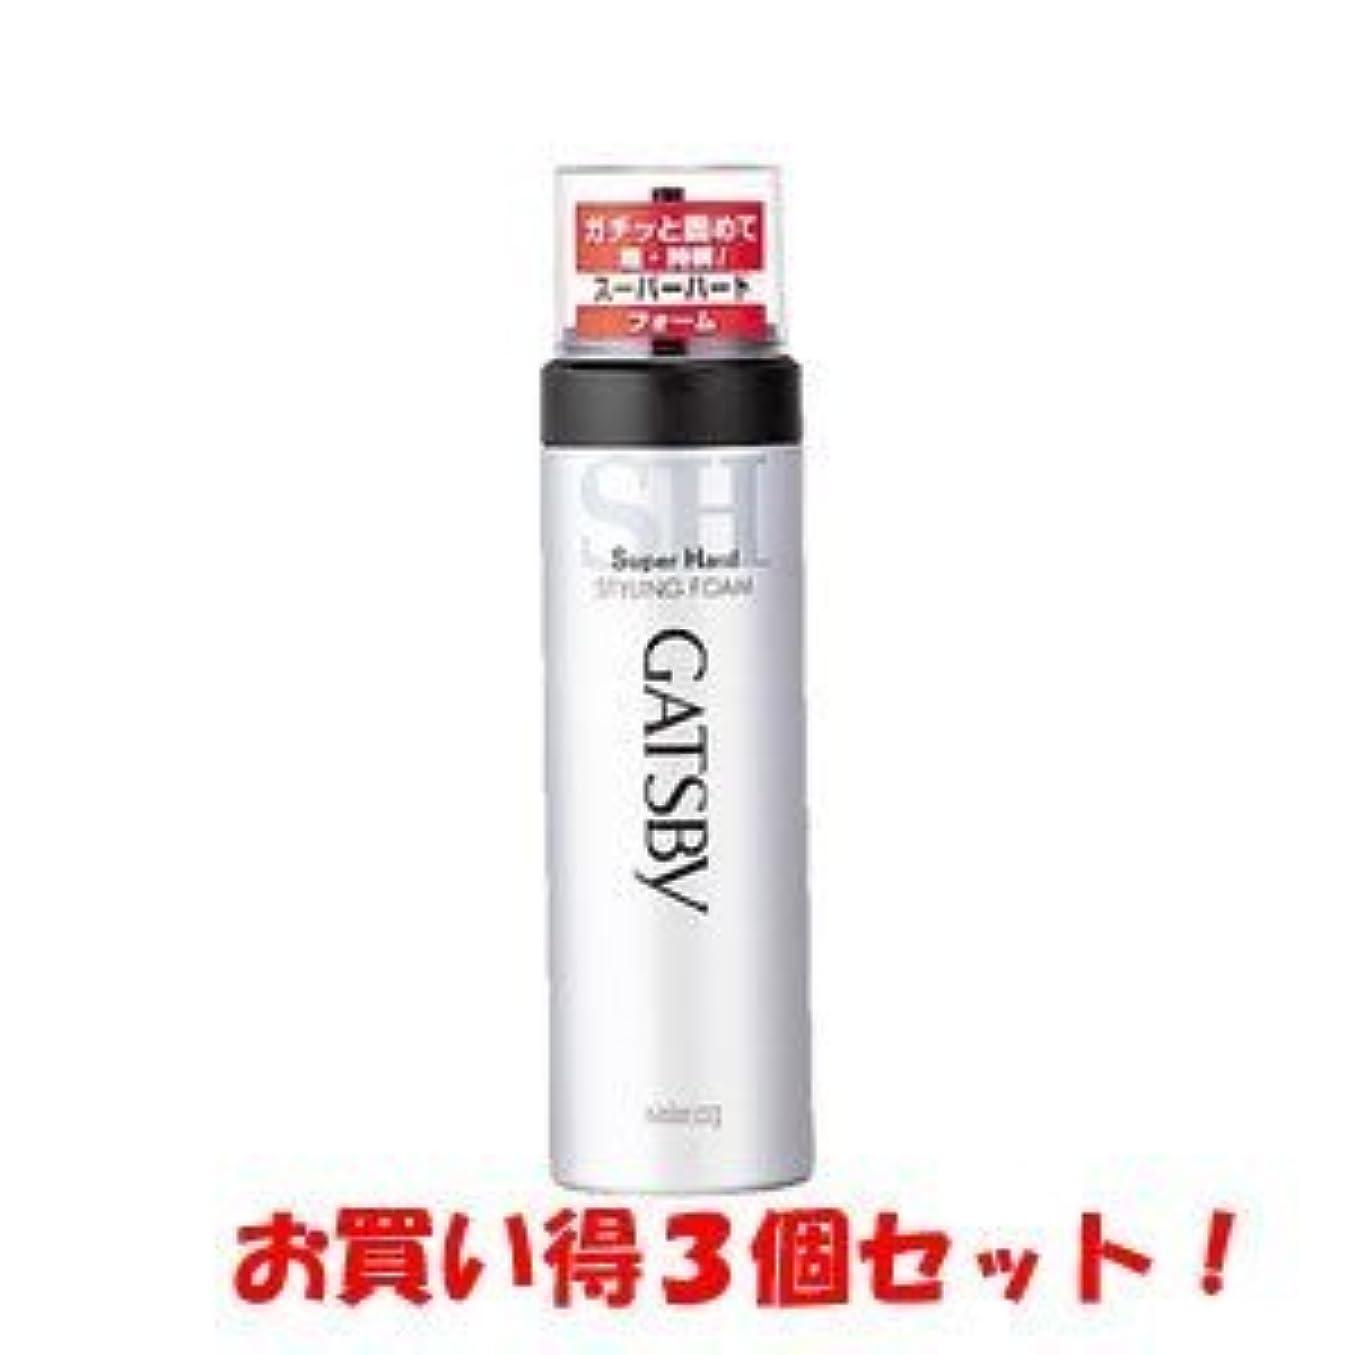 祝福測定球体ギャツビー【GATSBY】スタイリングフォーム スーパーハード 185g(お買い得3個セット)